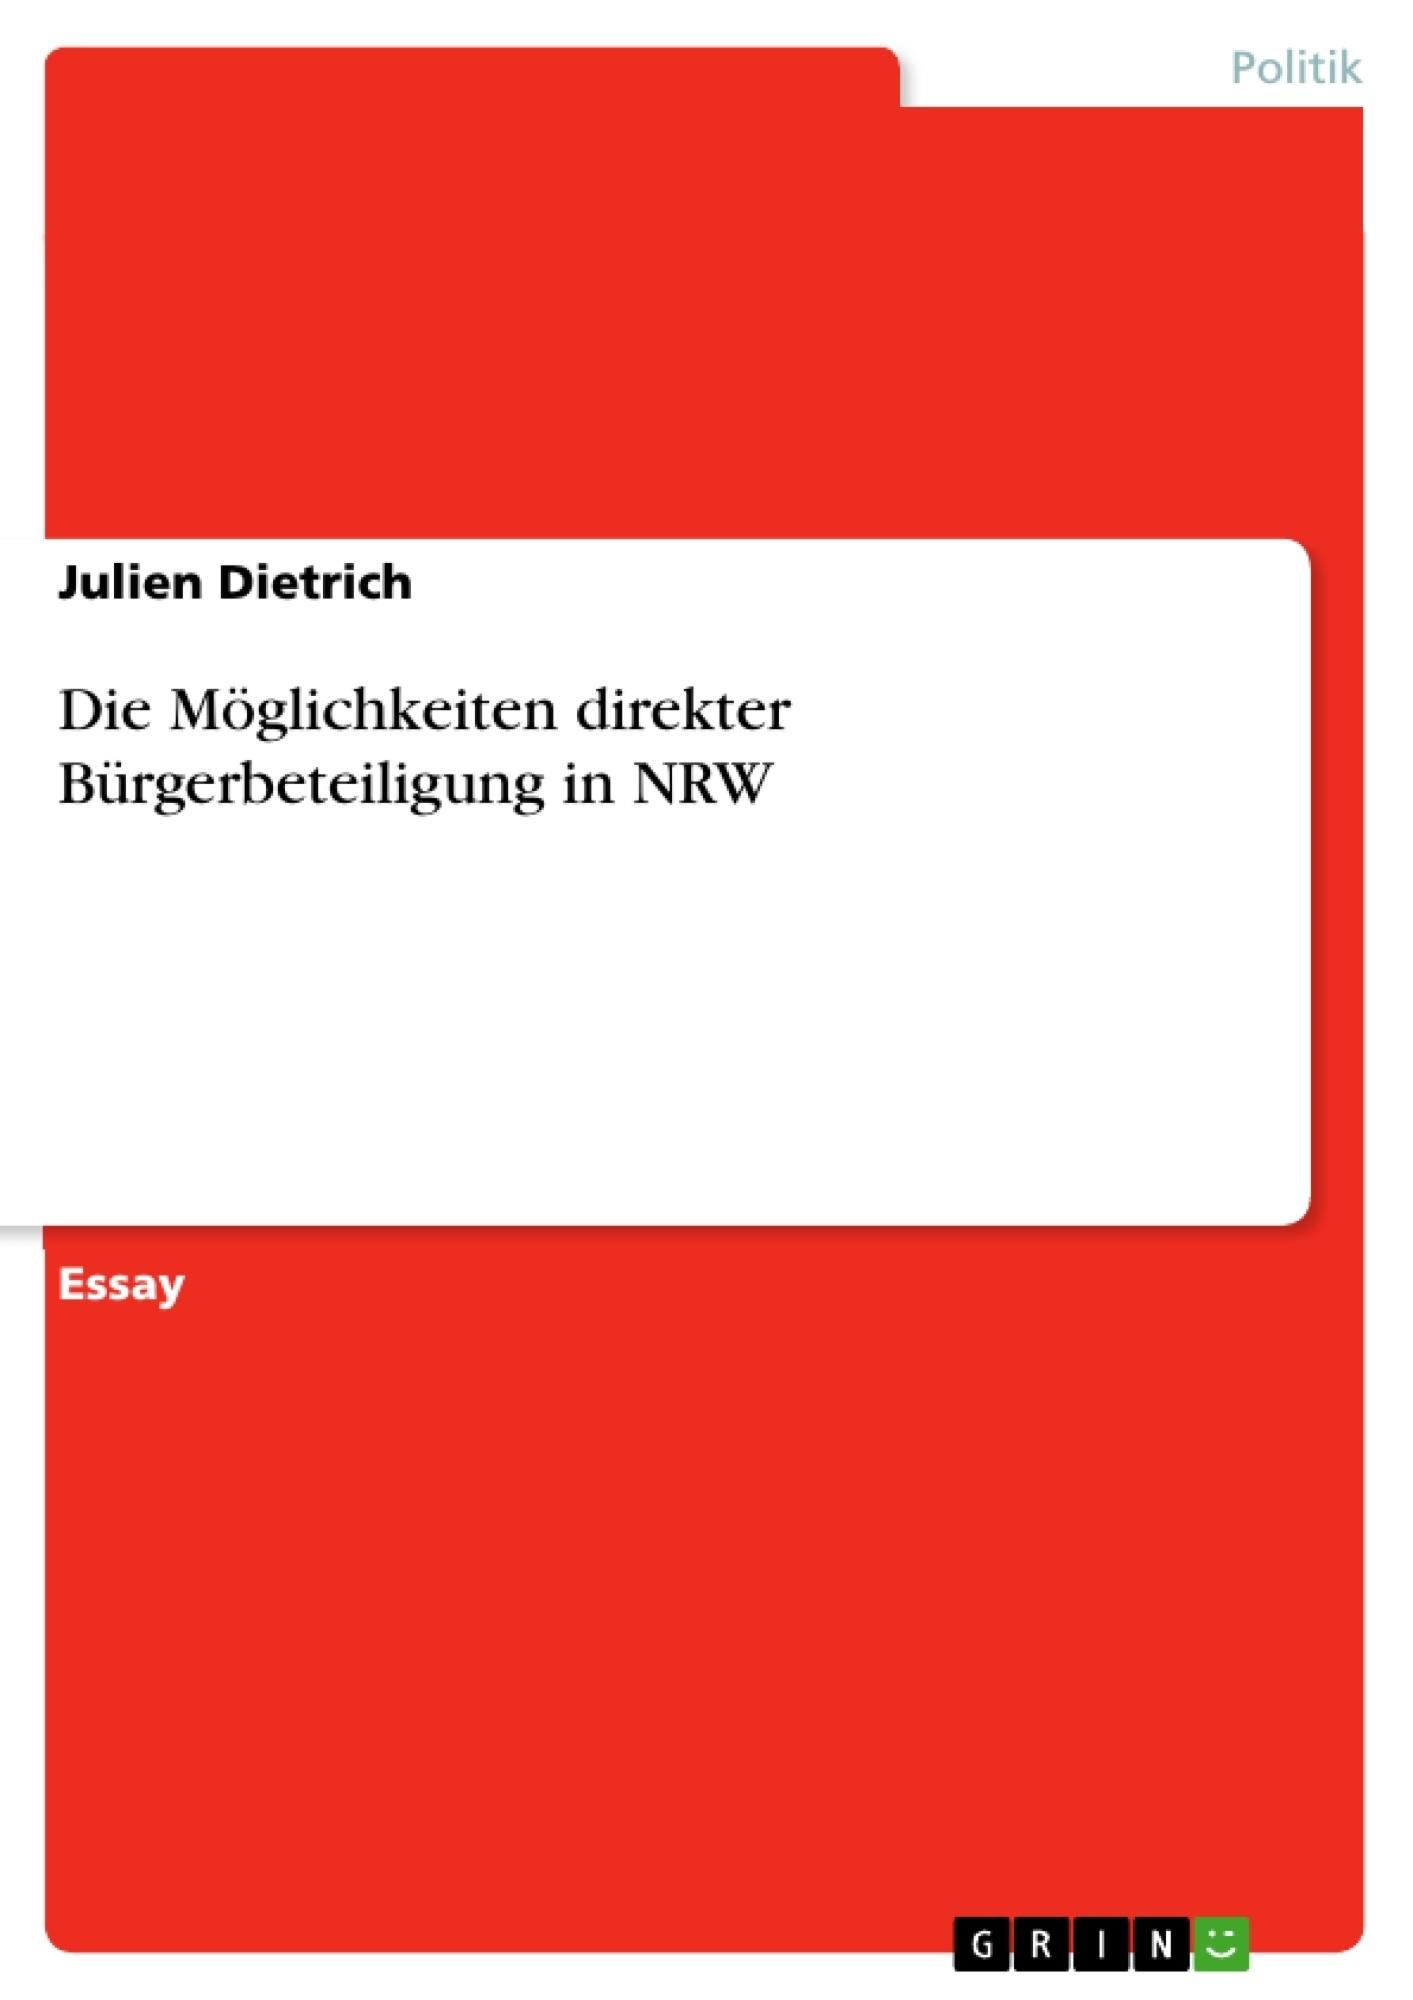 Titel: Die Möglichkeiten direkter Bürgerbeteiligung in NRW